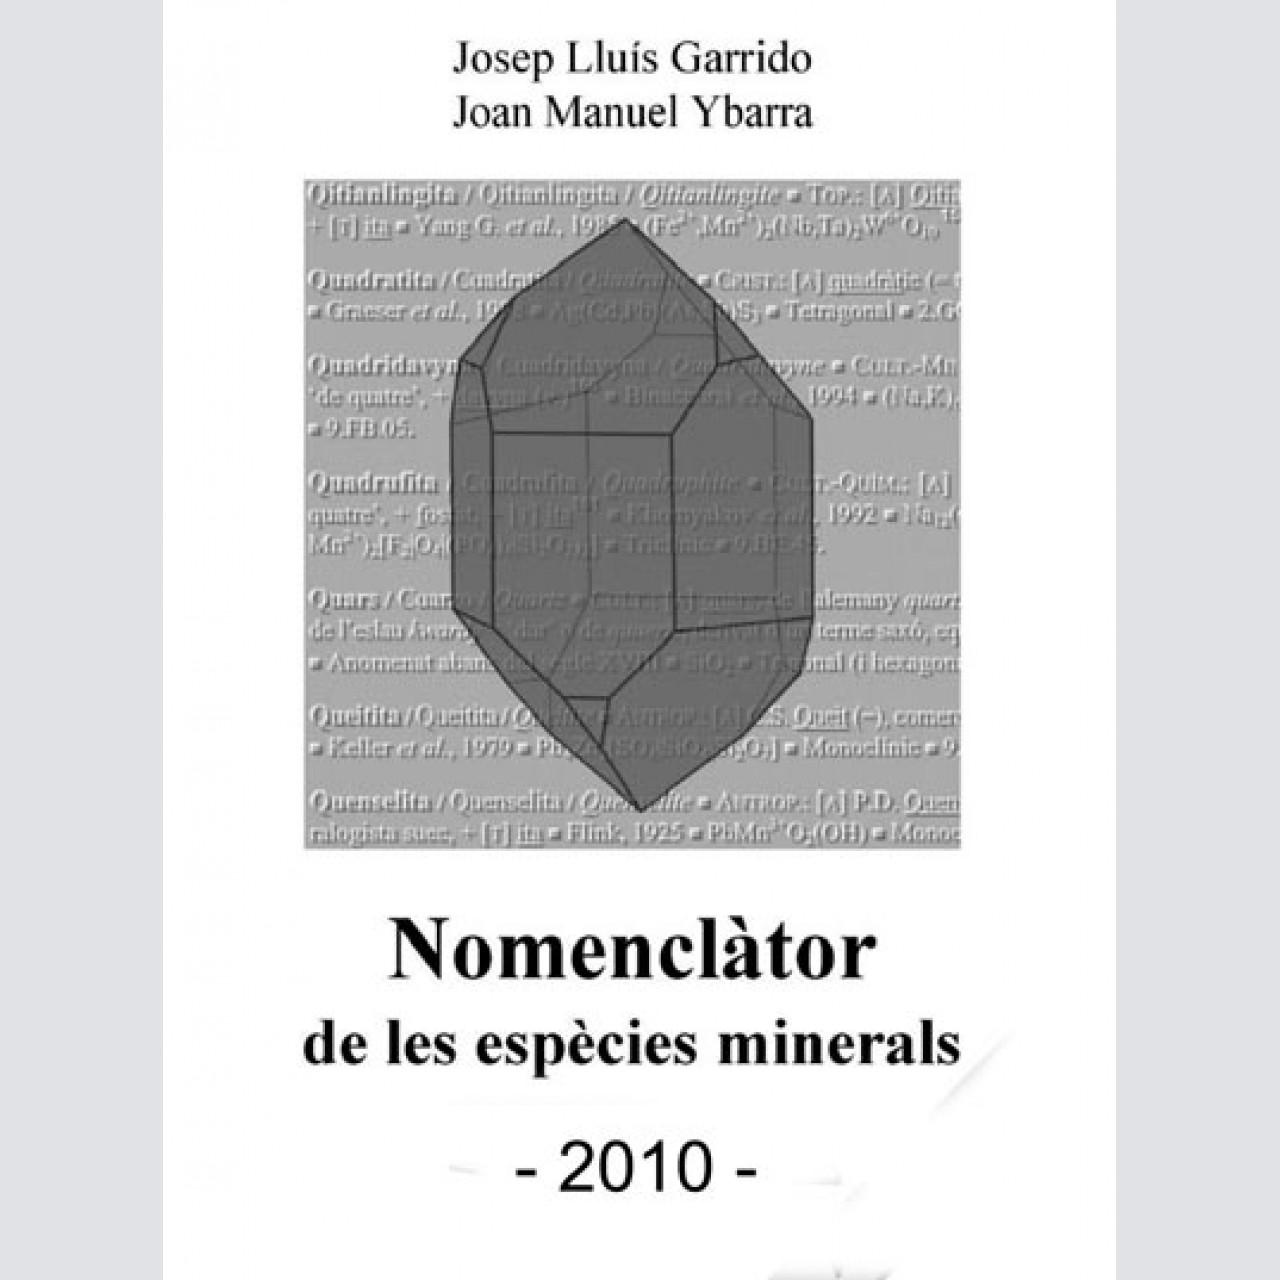 <em>Nomenclàtor de les espècies minerals</em> (2010)